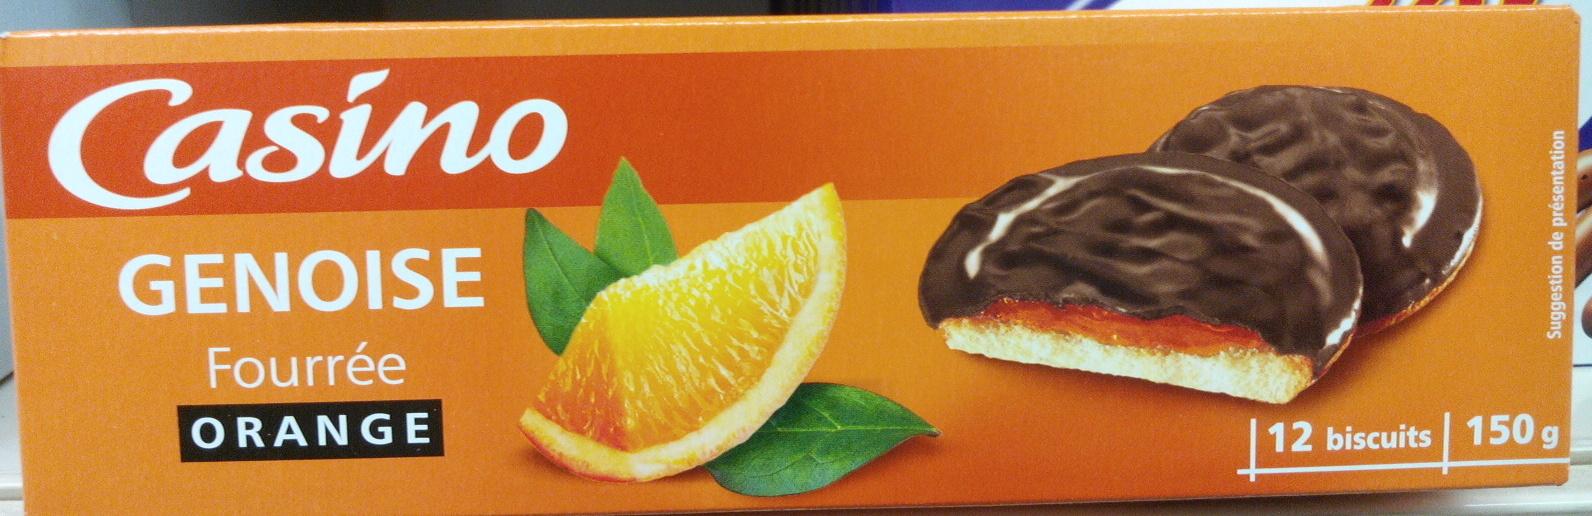 Génoise Fourrée Orange - Prodotto - fr